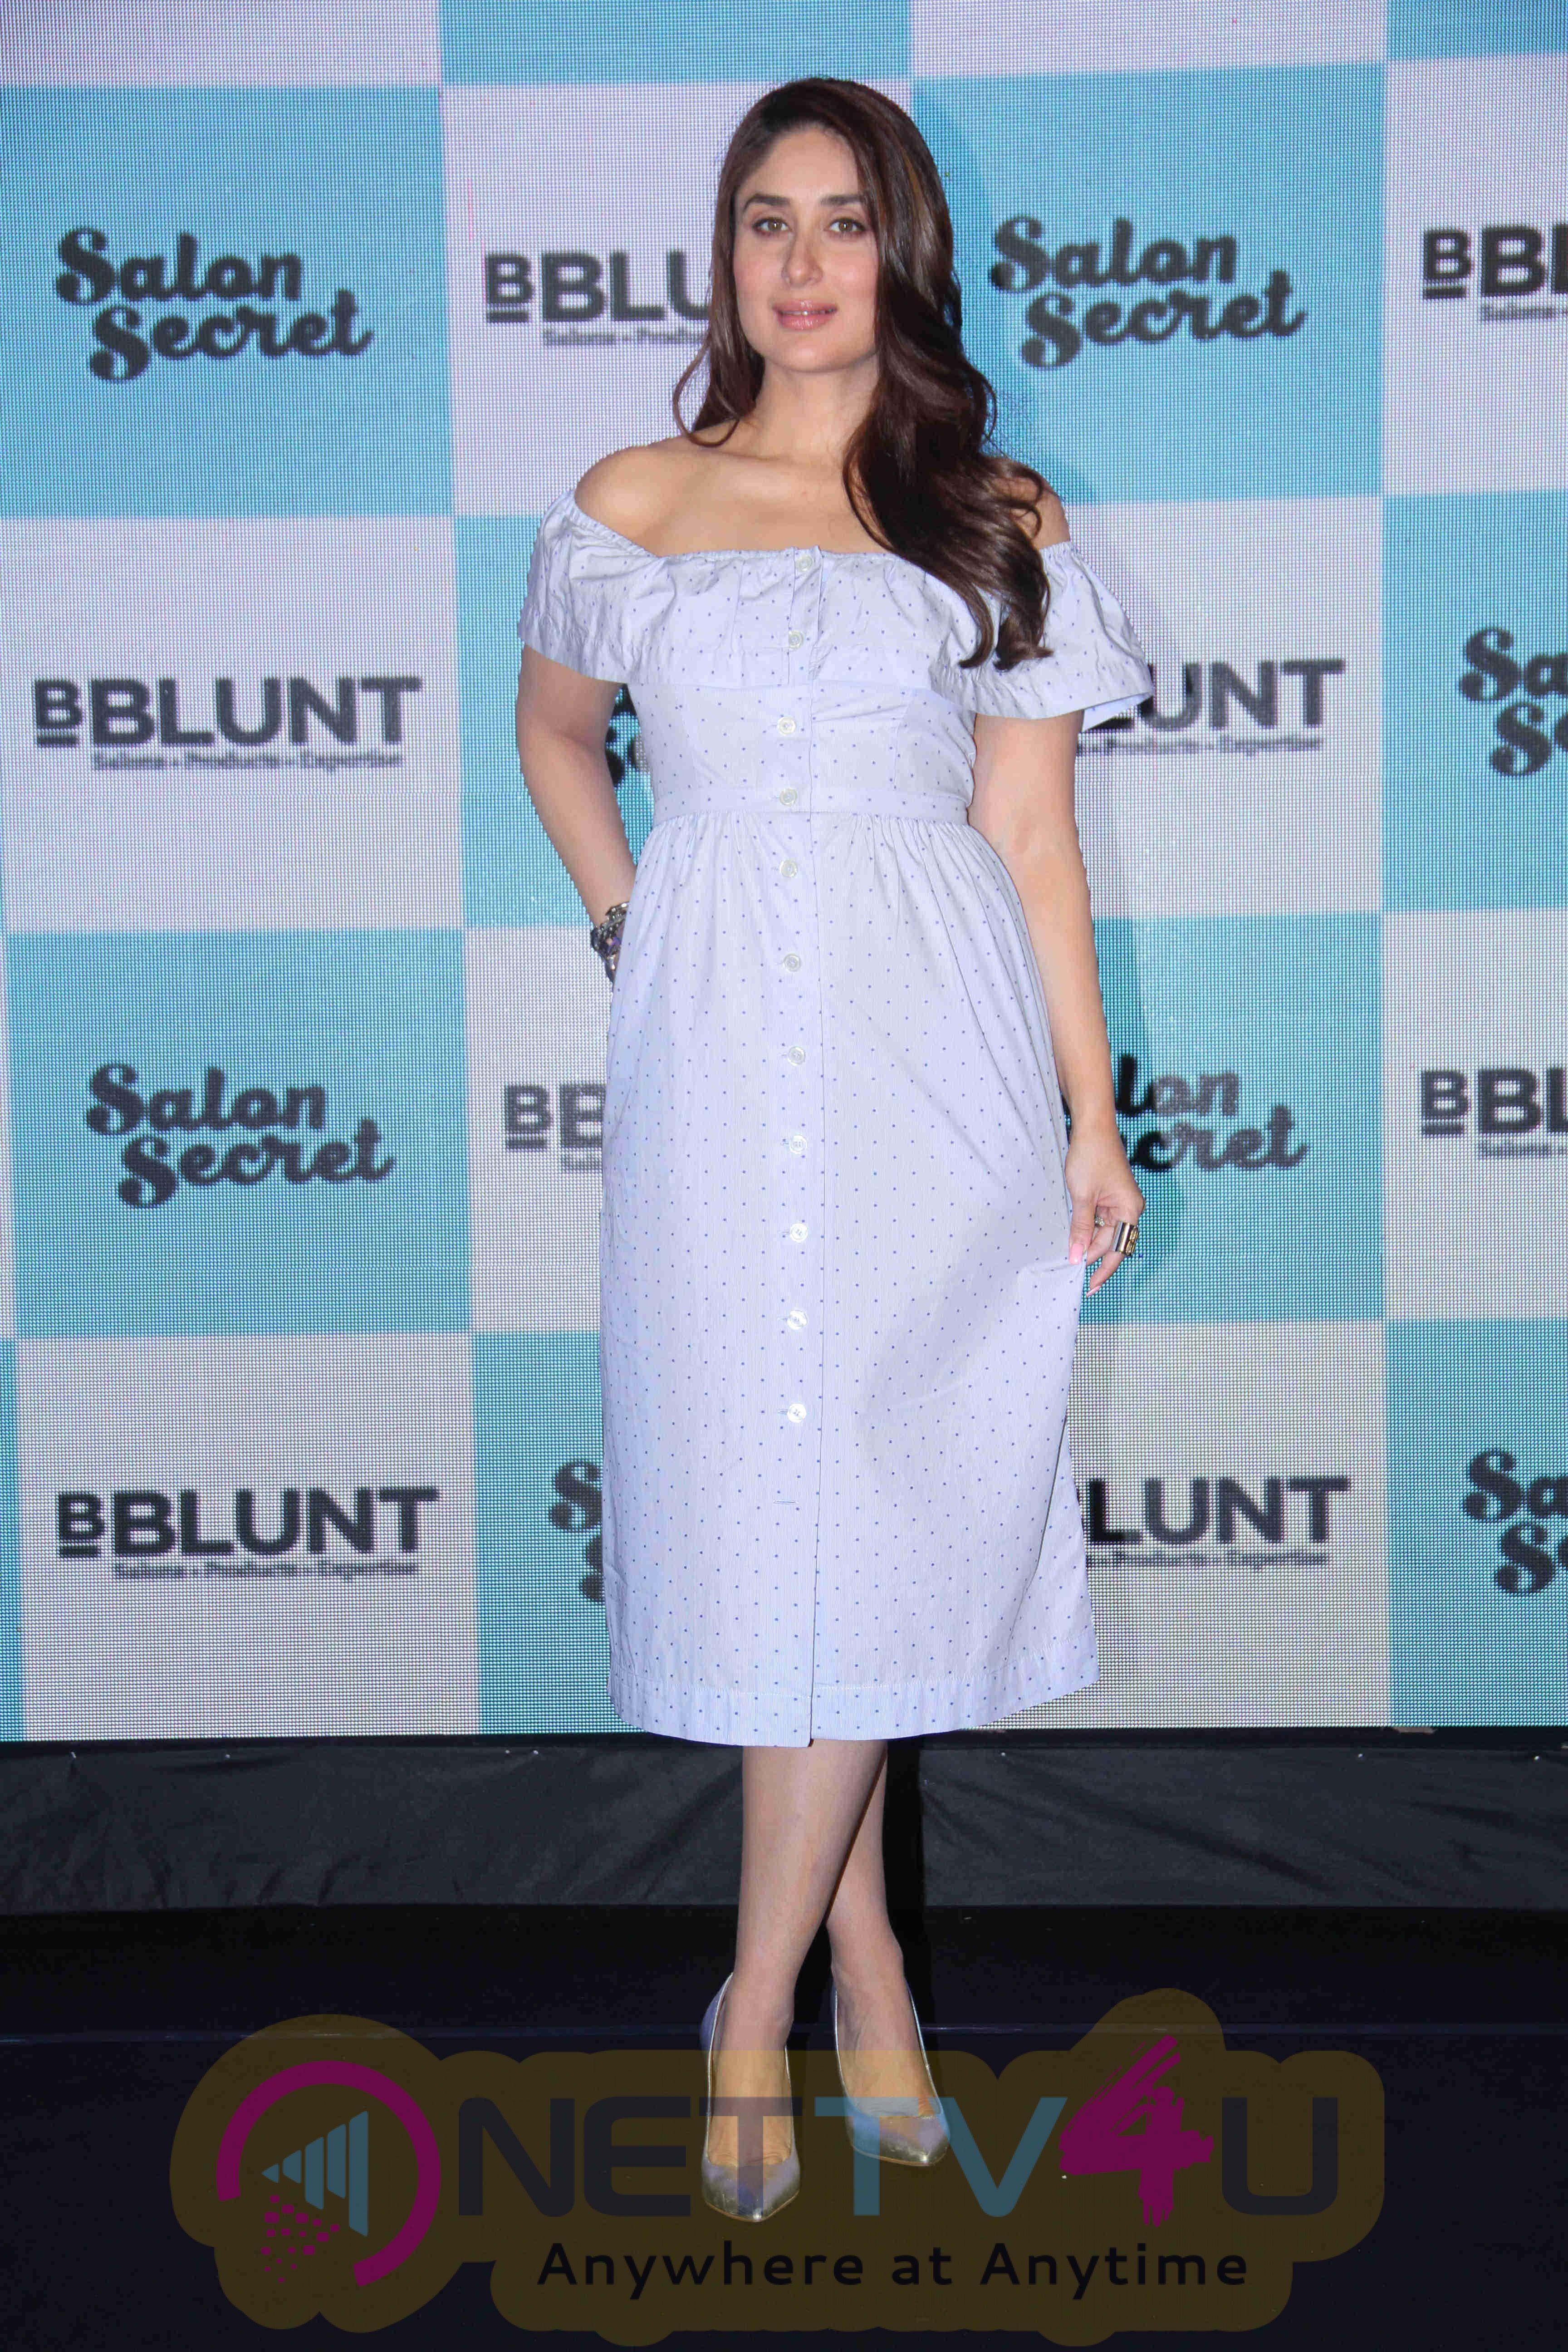 Actress Kareena Kapoor Khan Launches Bblunt Salon Secret Attractive Pics